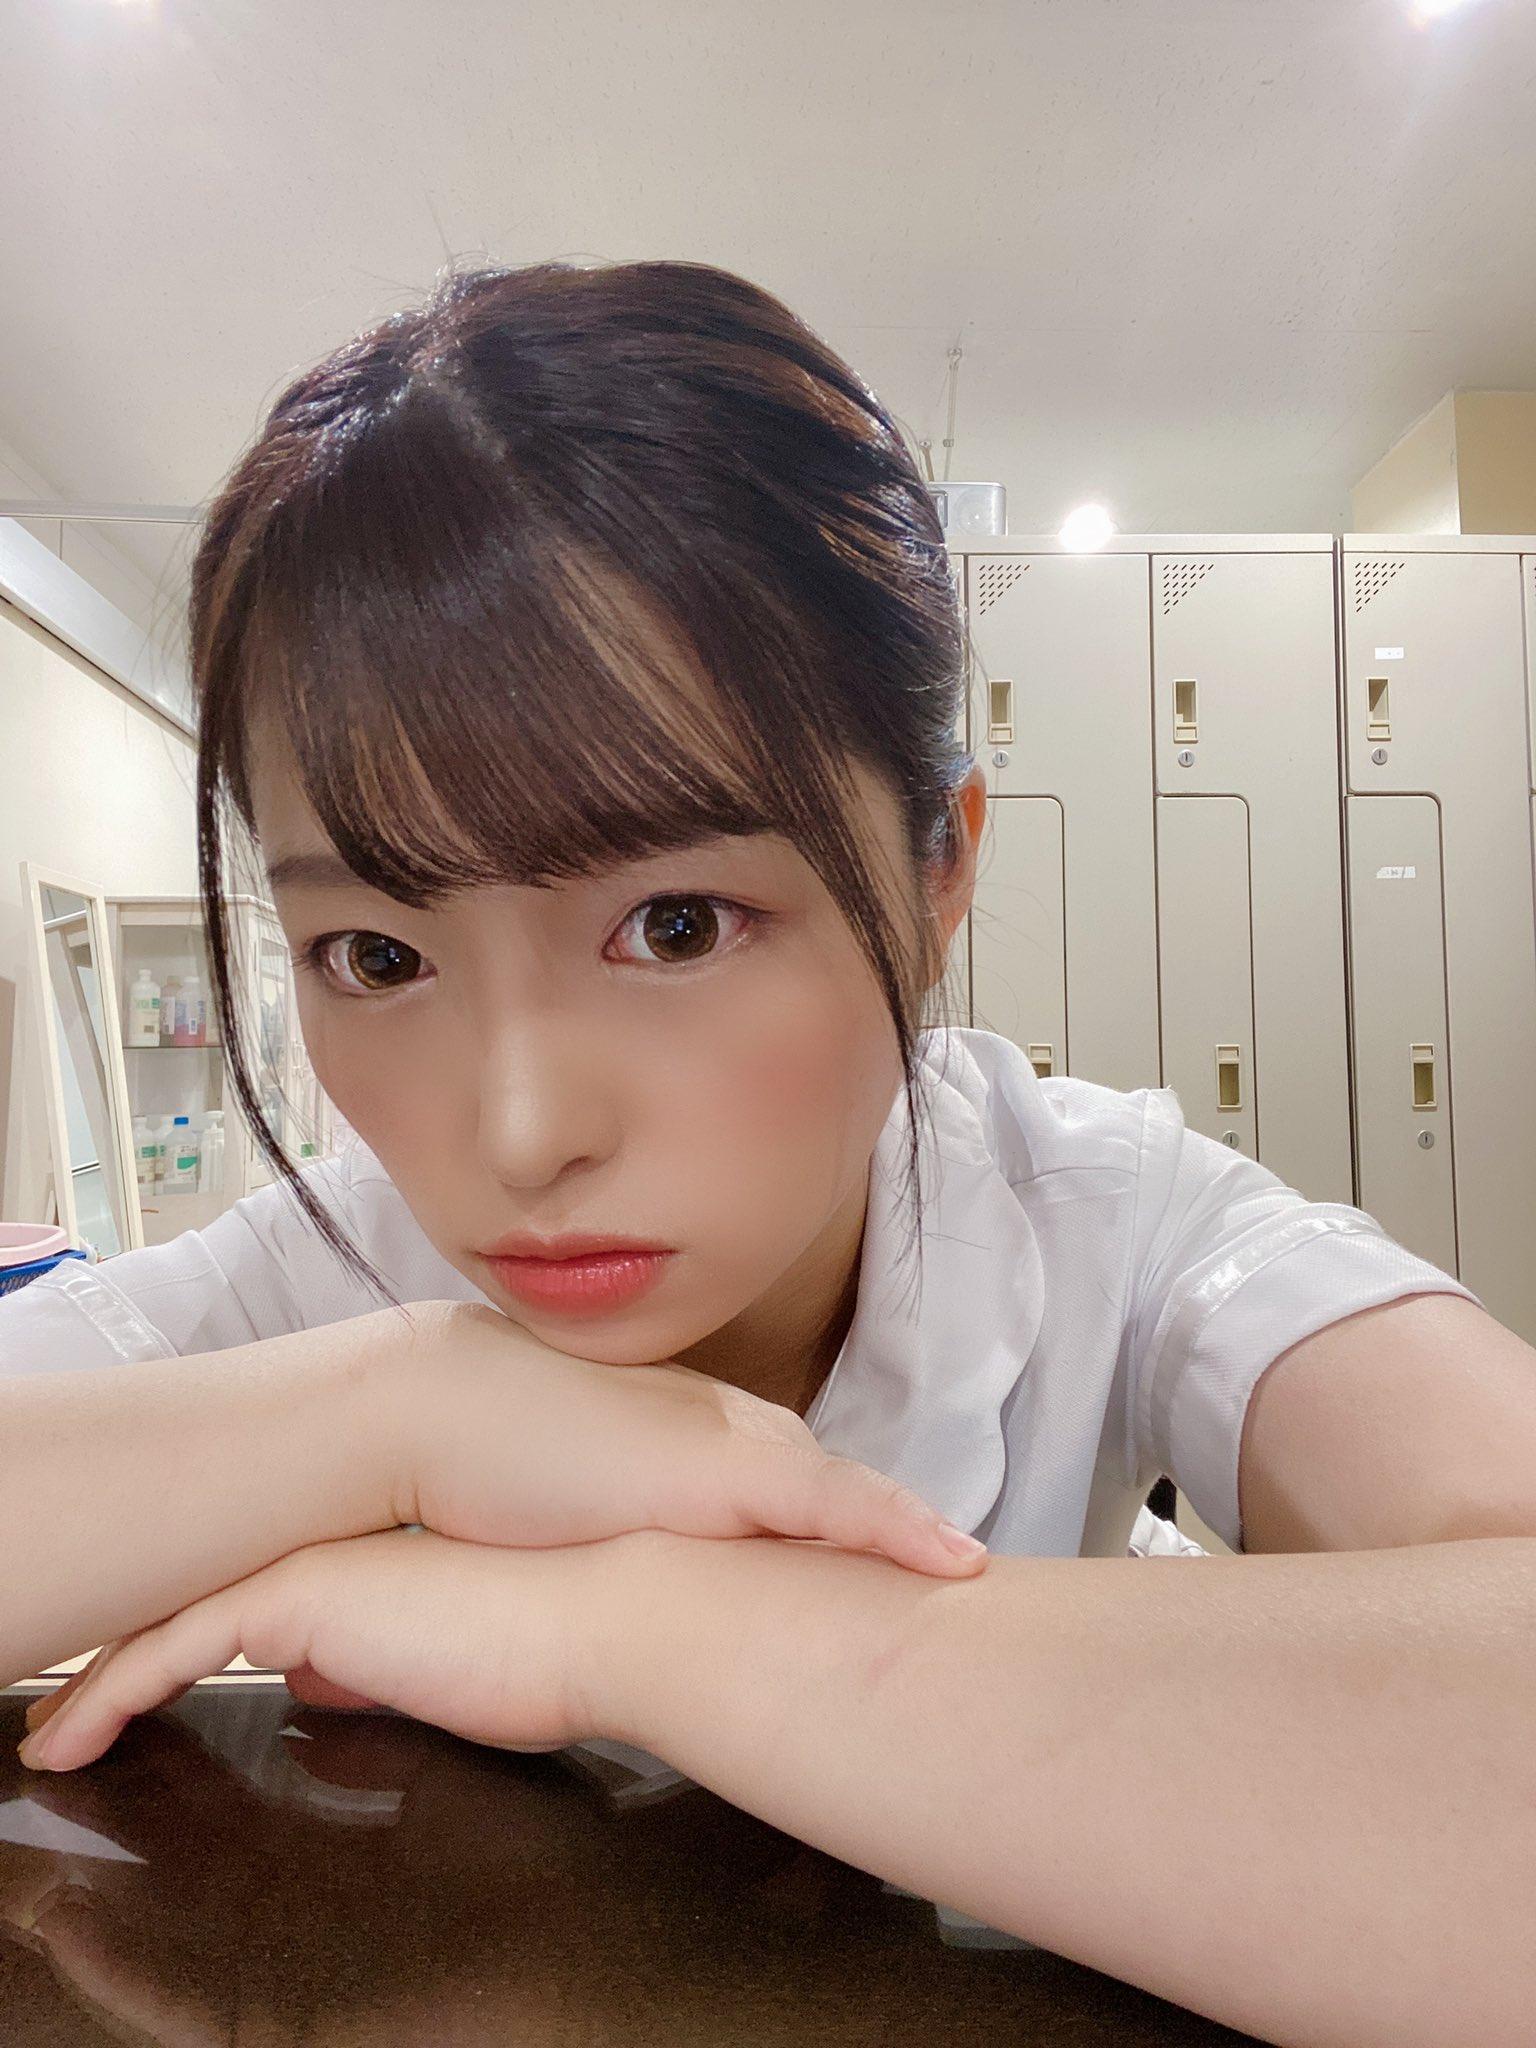 【椿りかエロ画像】全国5位の泡姫でもある巨乳美少女・椿りか!